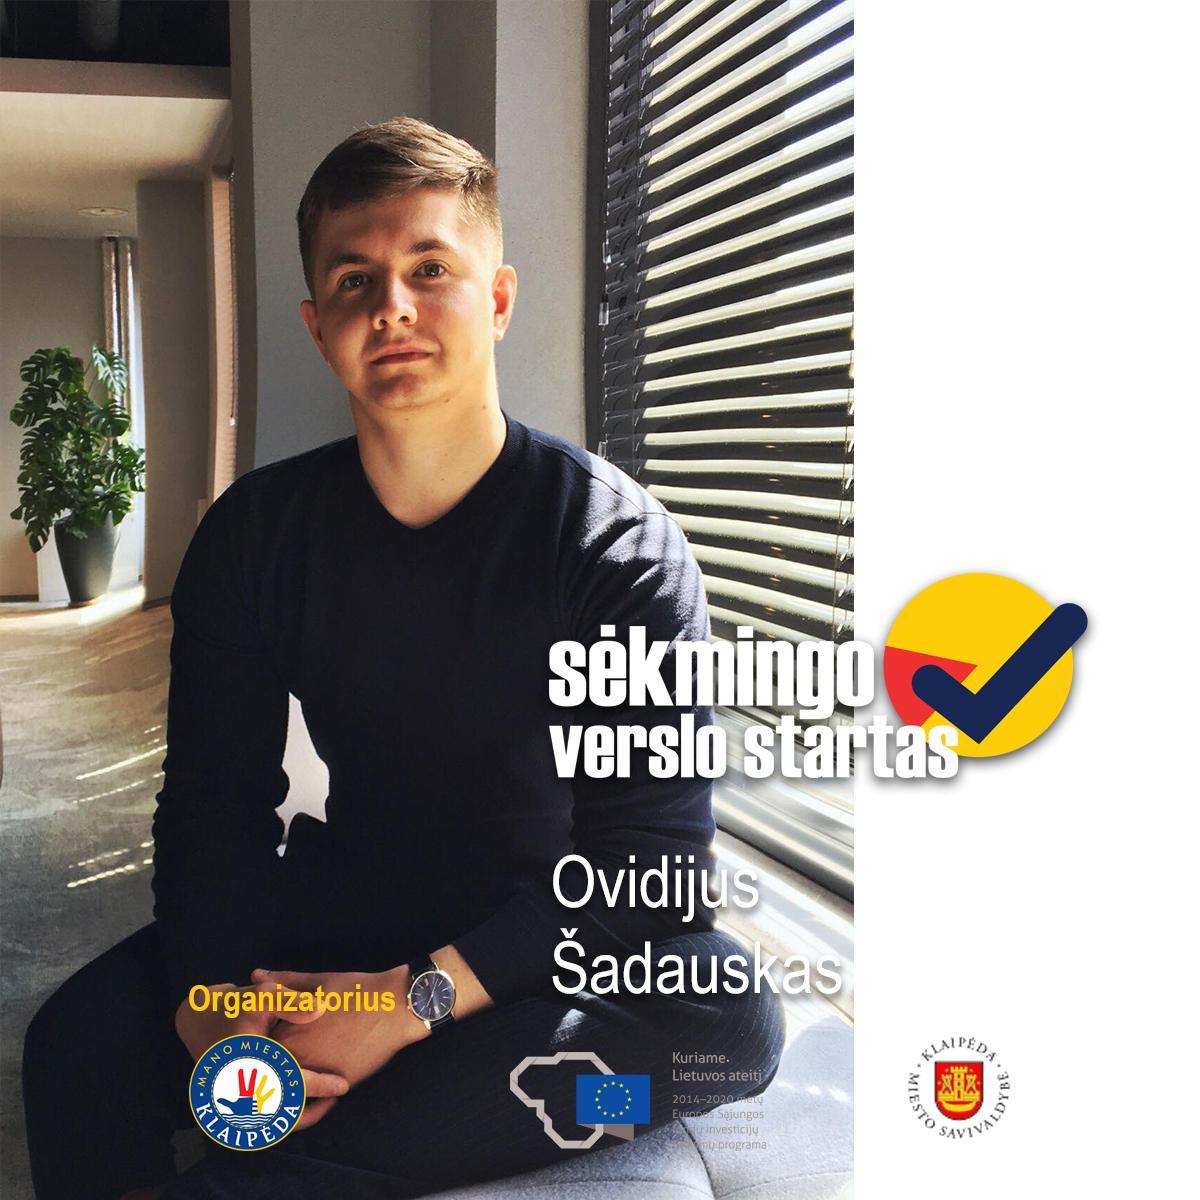 Ovidijus Šadauskas